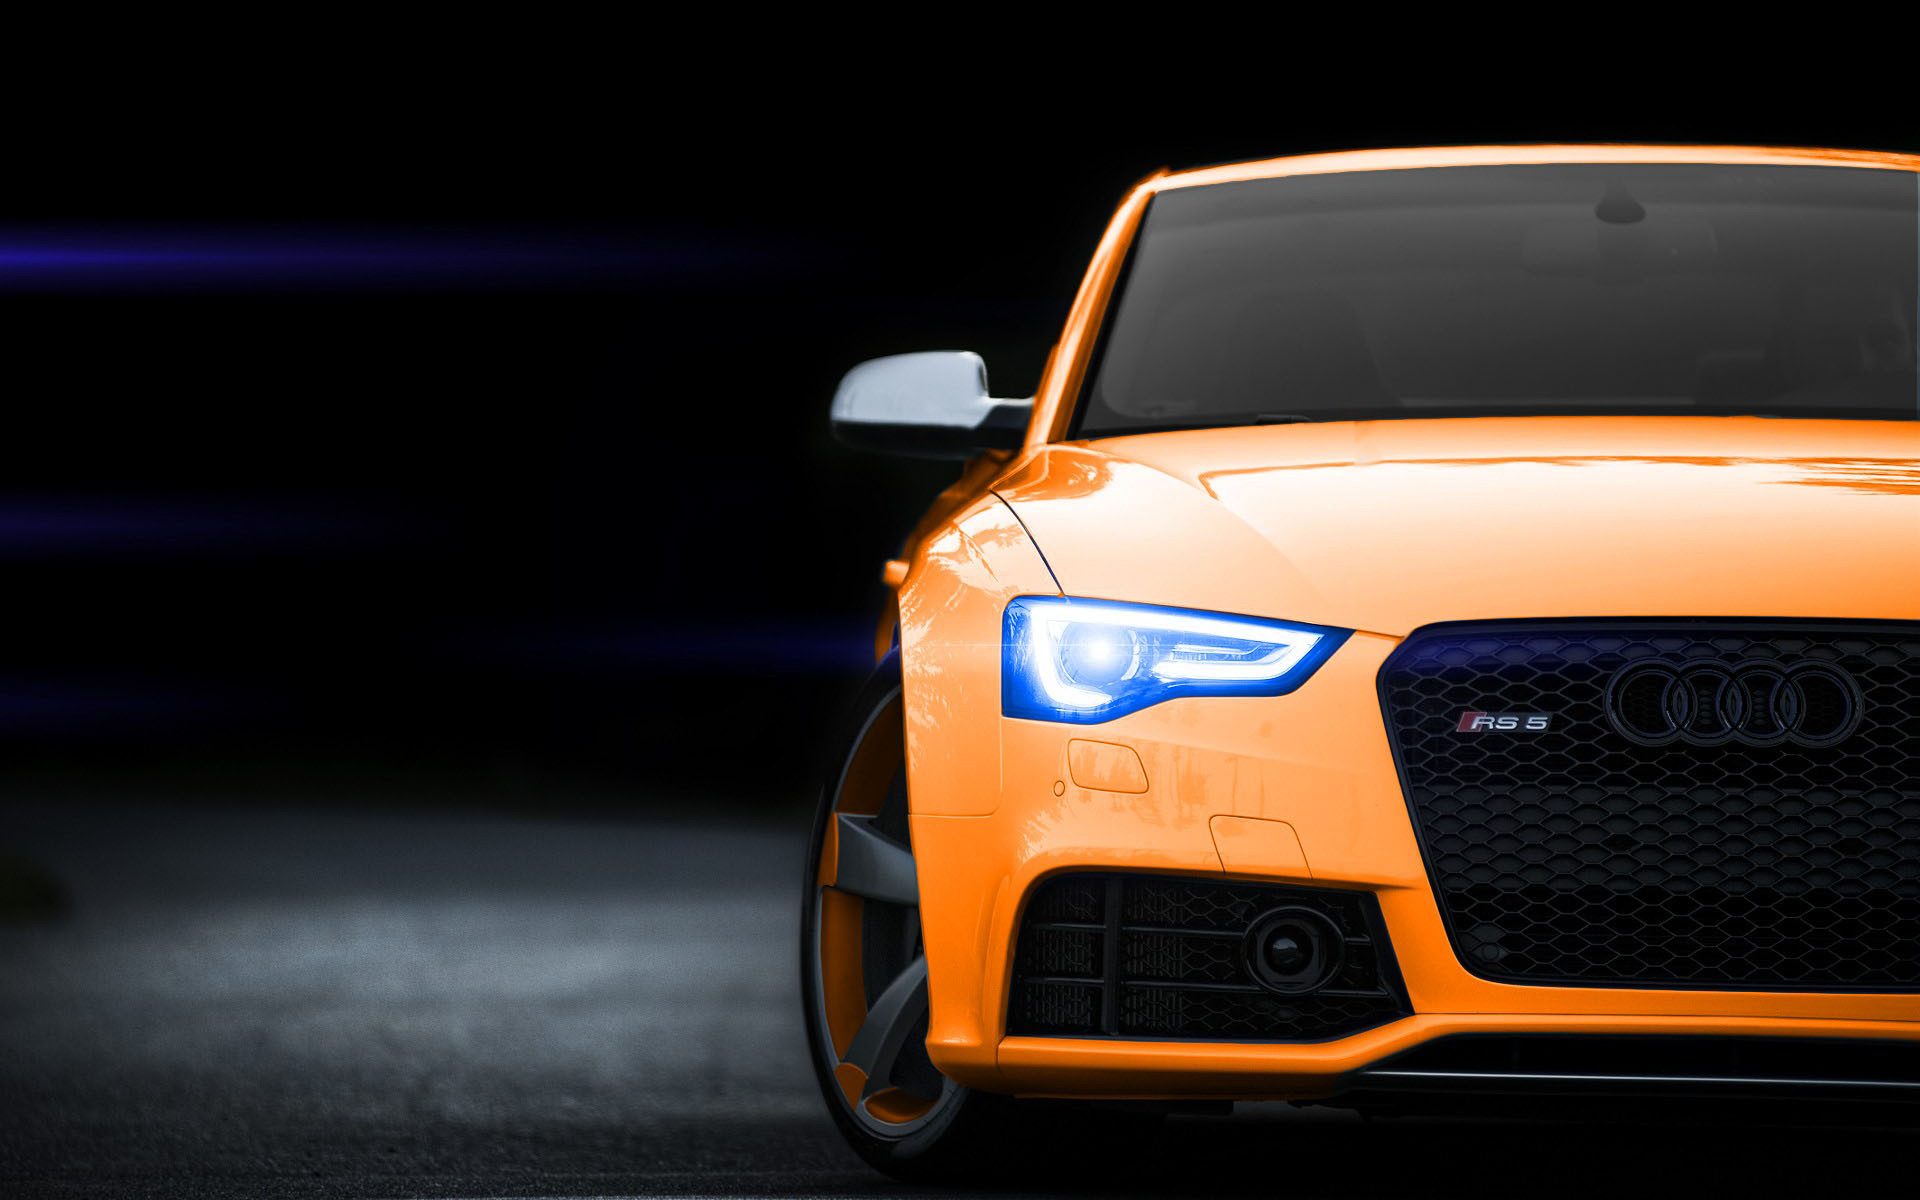 Orange audi rs5